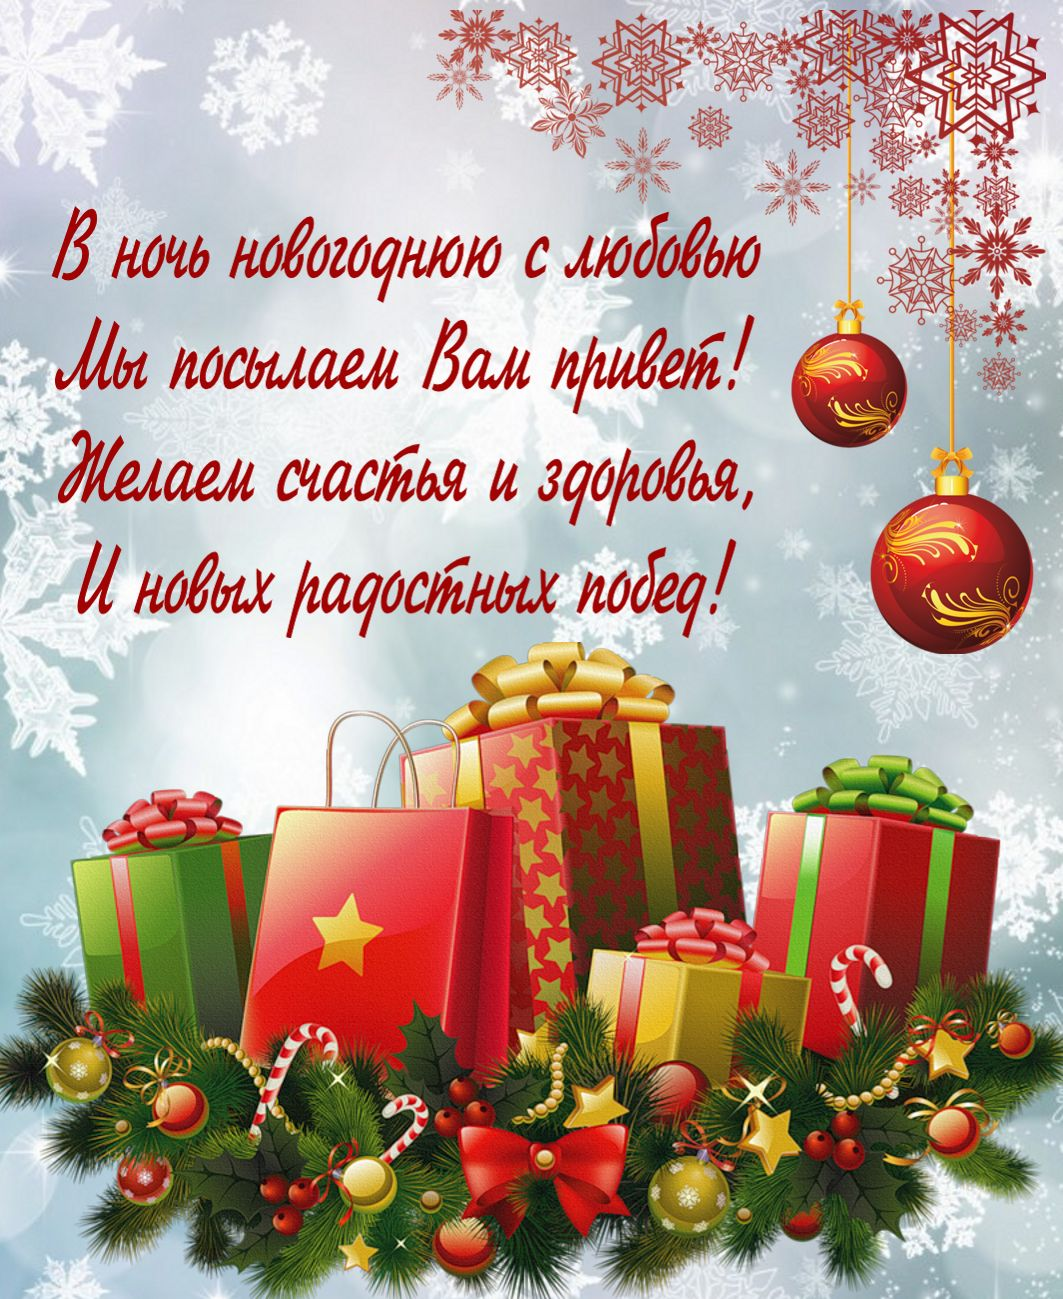 Открытка - пожелание и подарки к Новому году